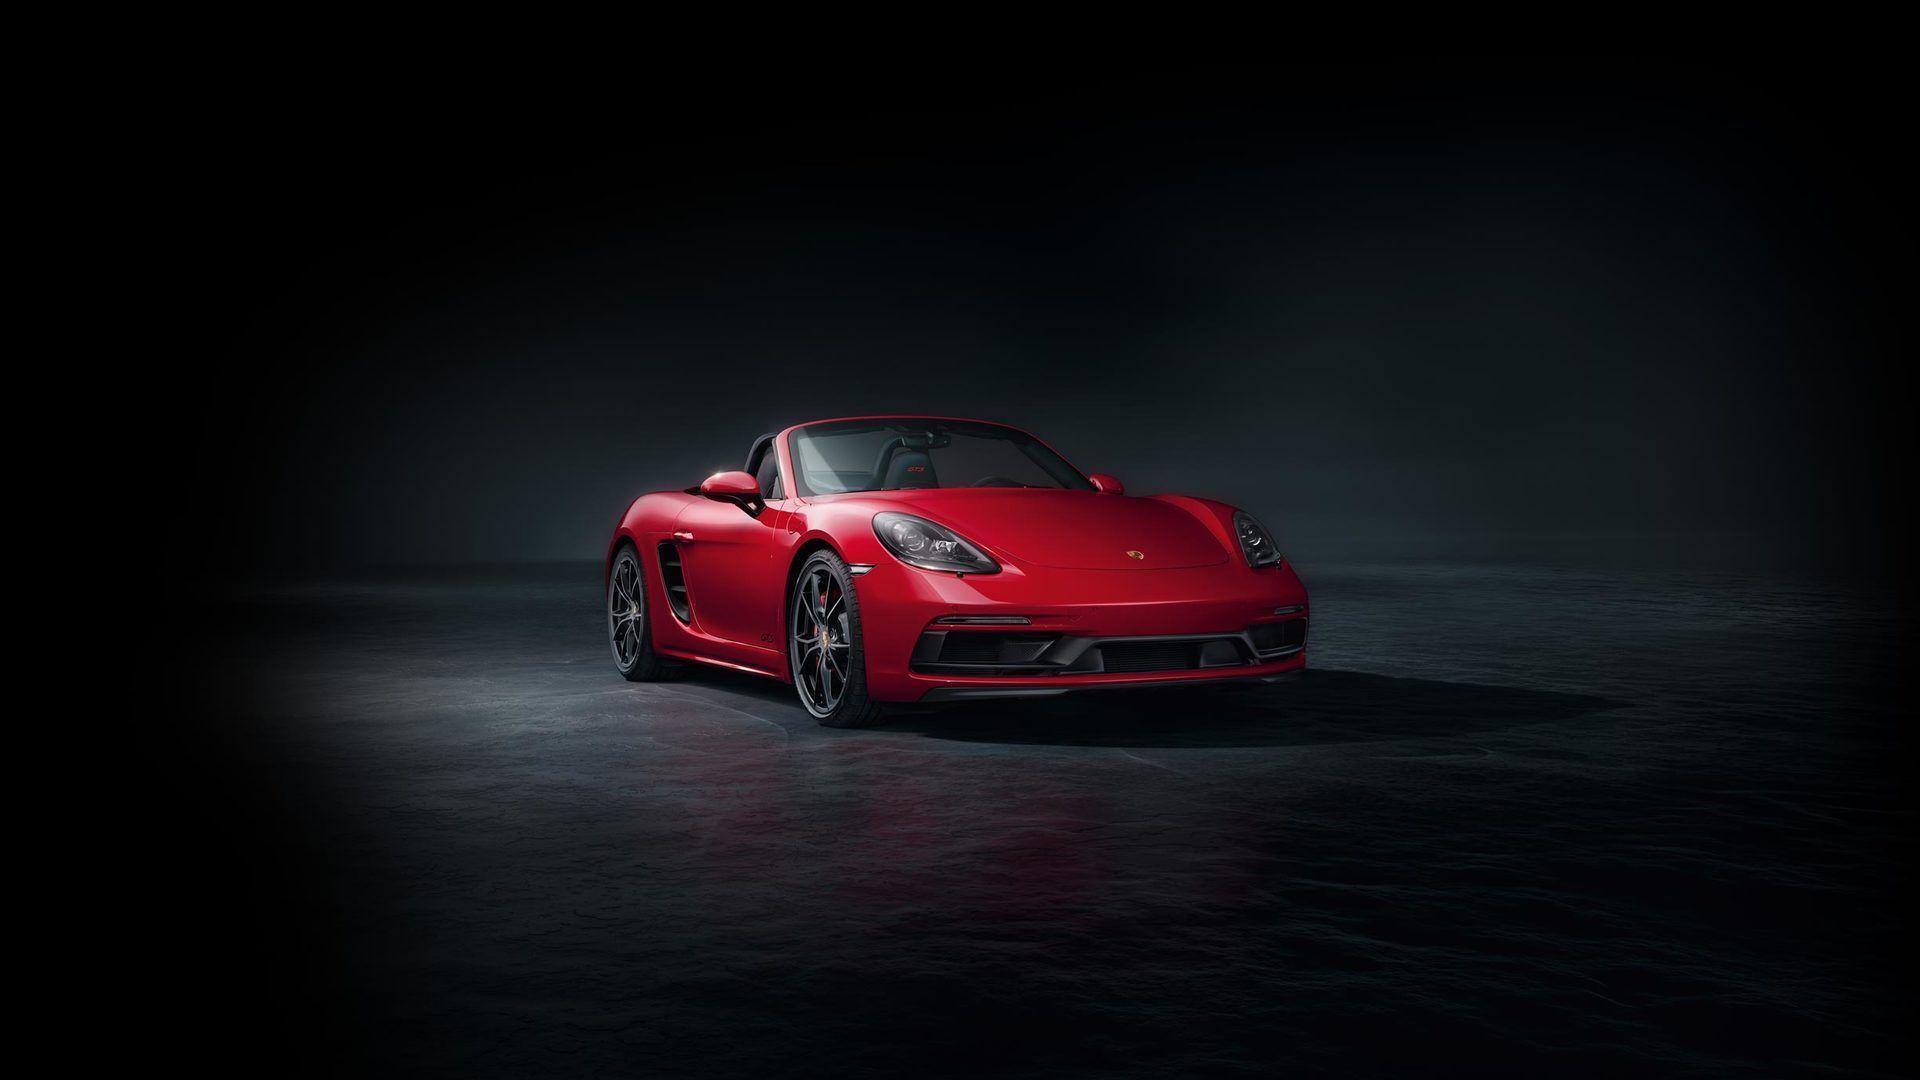 Gunther Werks 400r Porsche 993 4k Wallpaper Hd Car Wallpapers Id Google Search Porsche Boxster Spyder Porsche 718 Boxster